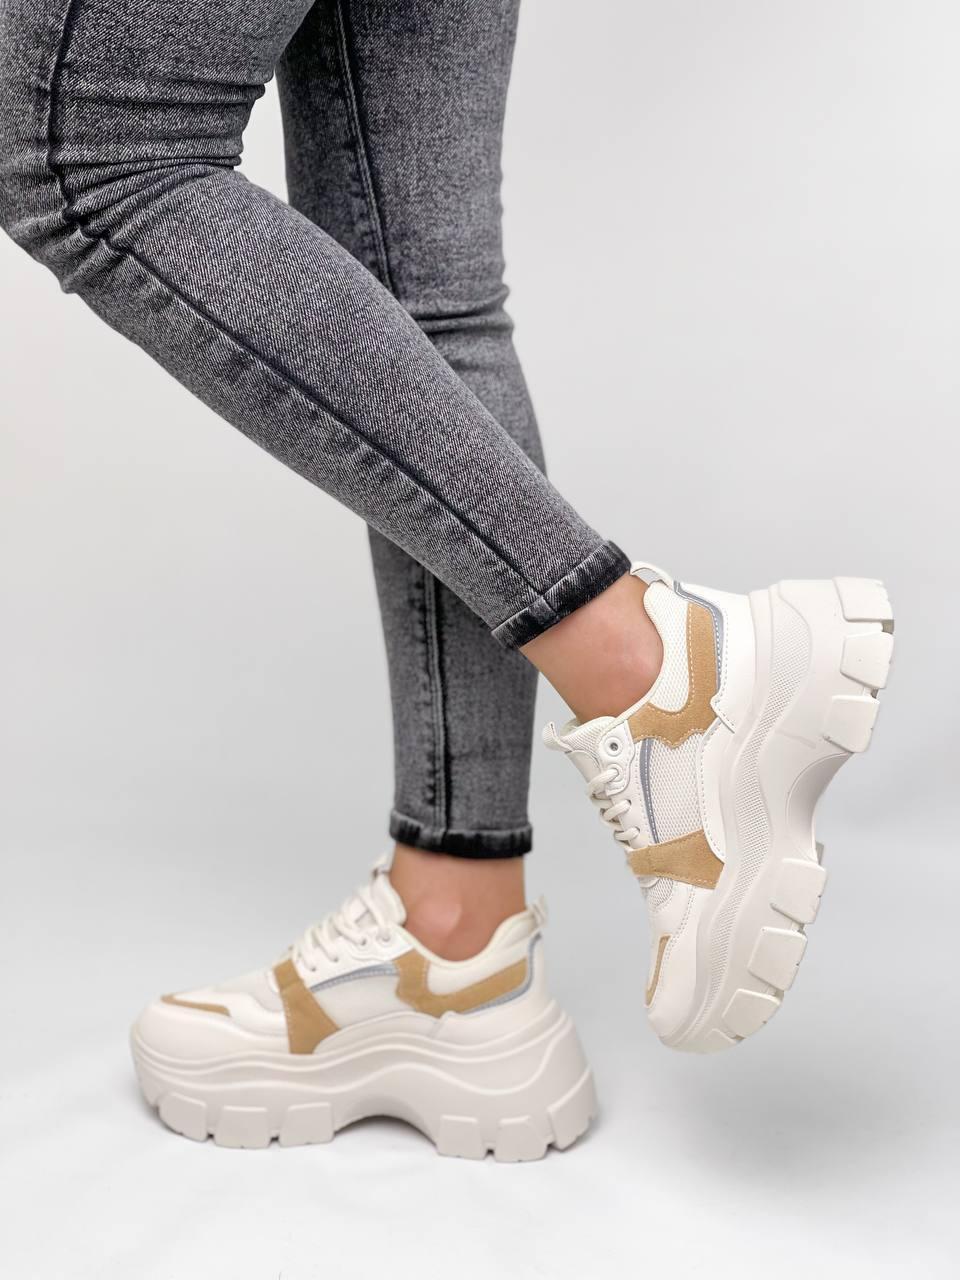 ТІЛЬКИ 24,5 см!!! Кросівки жіночі бежеві з коричневим текстиль+ еко шкіра